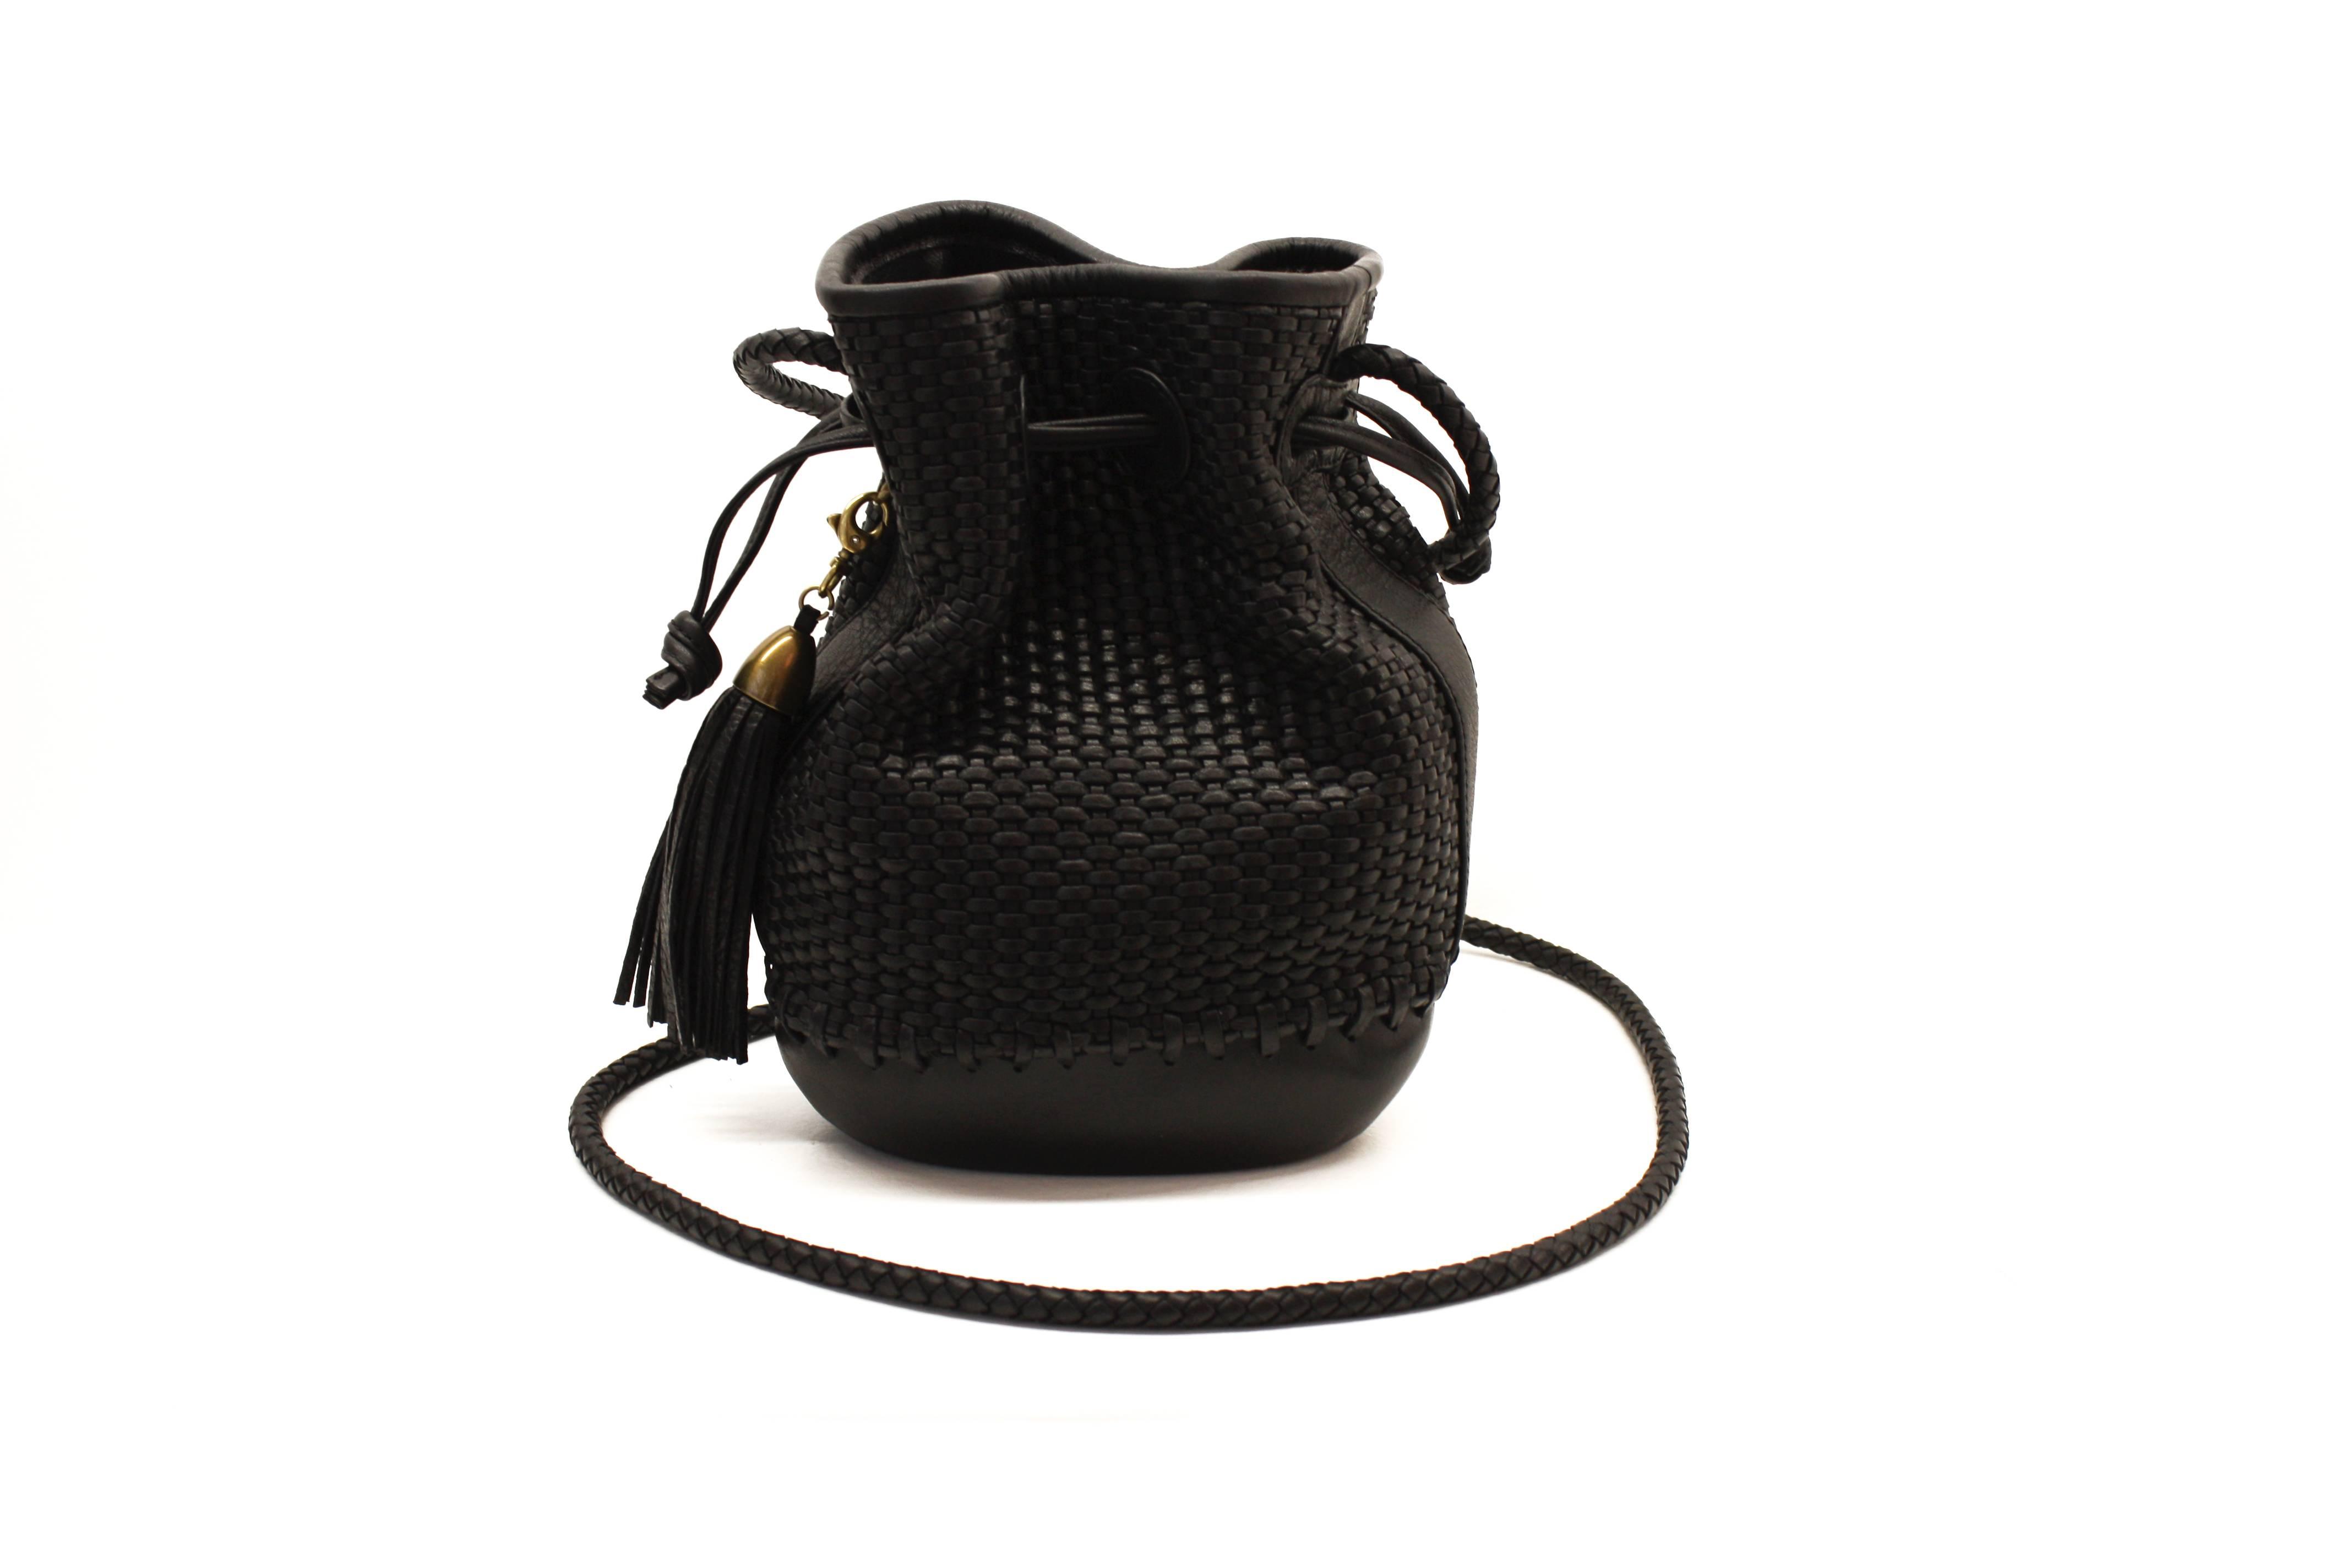 RM bag